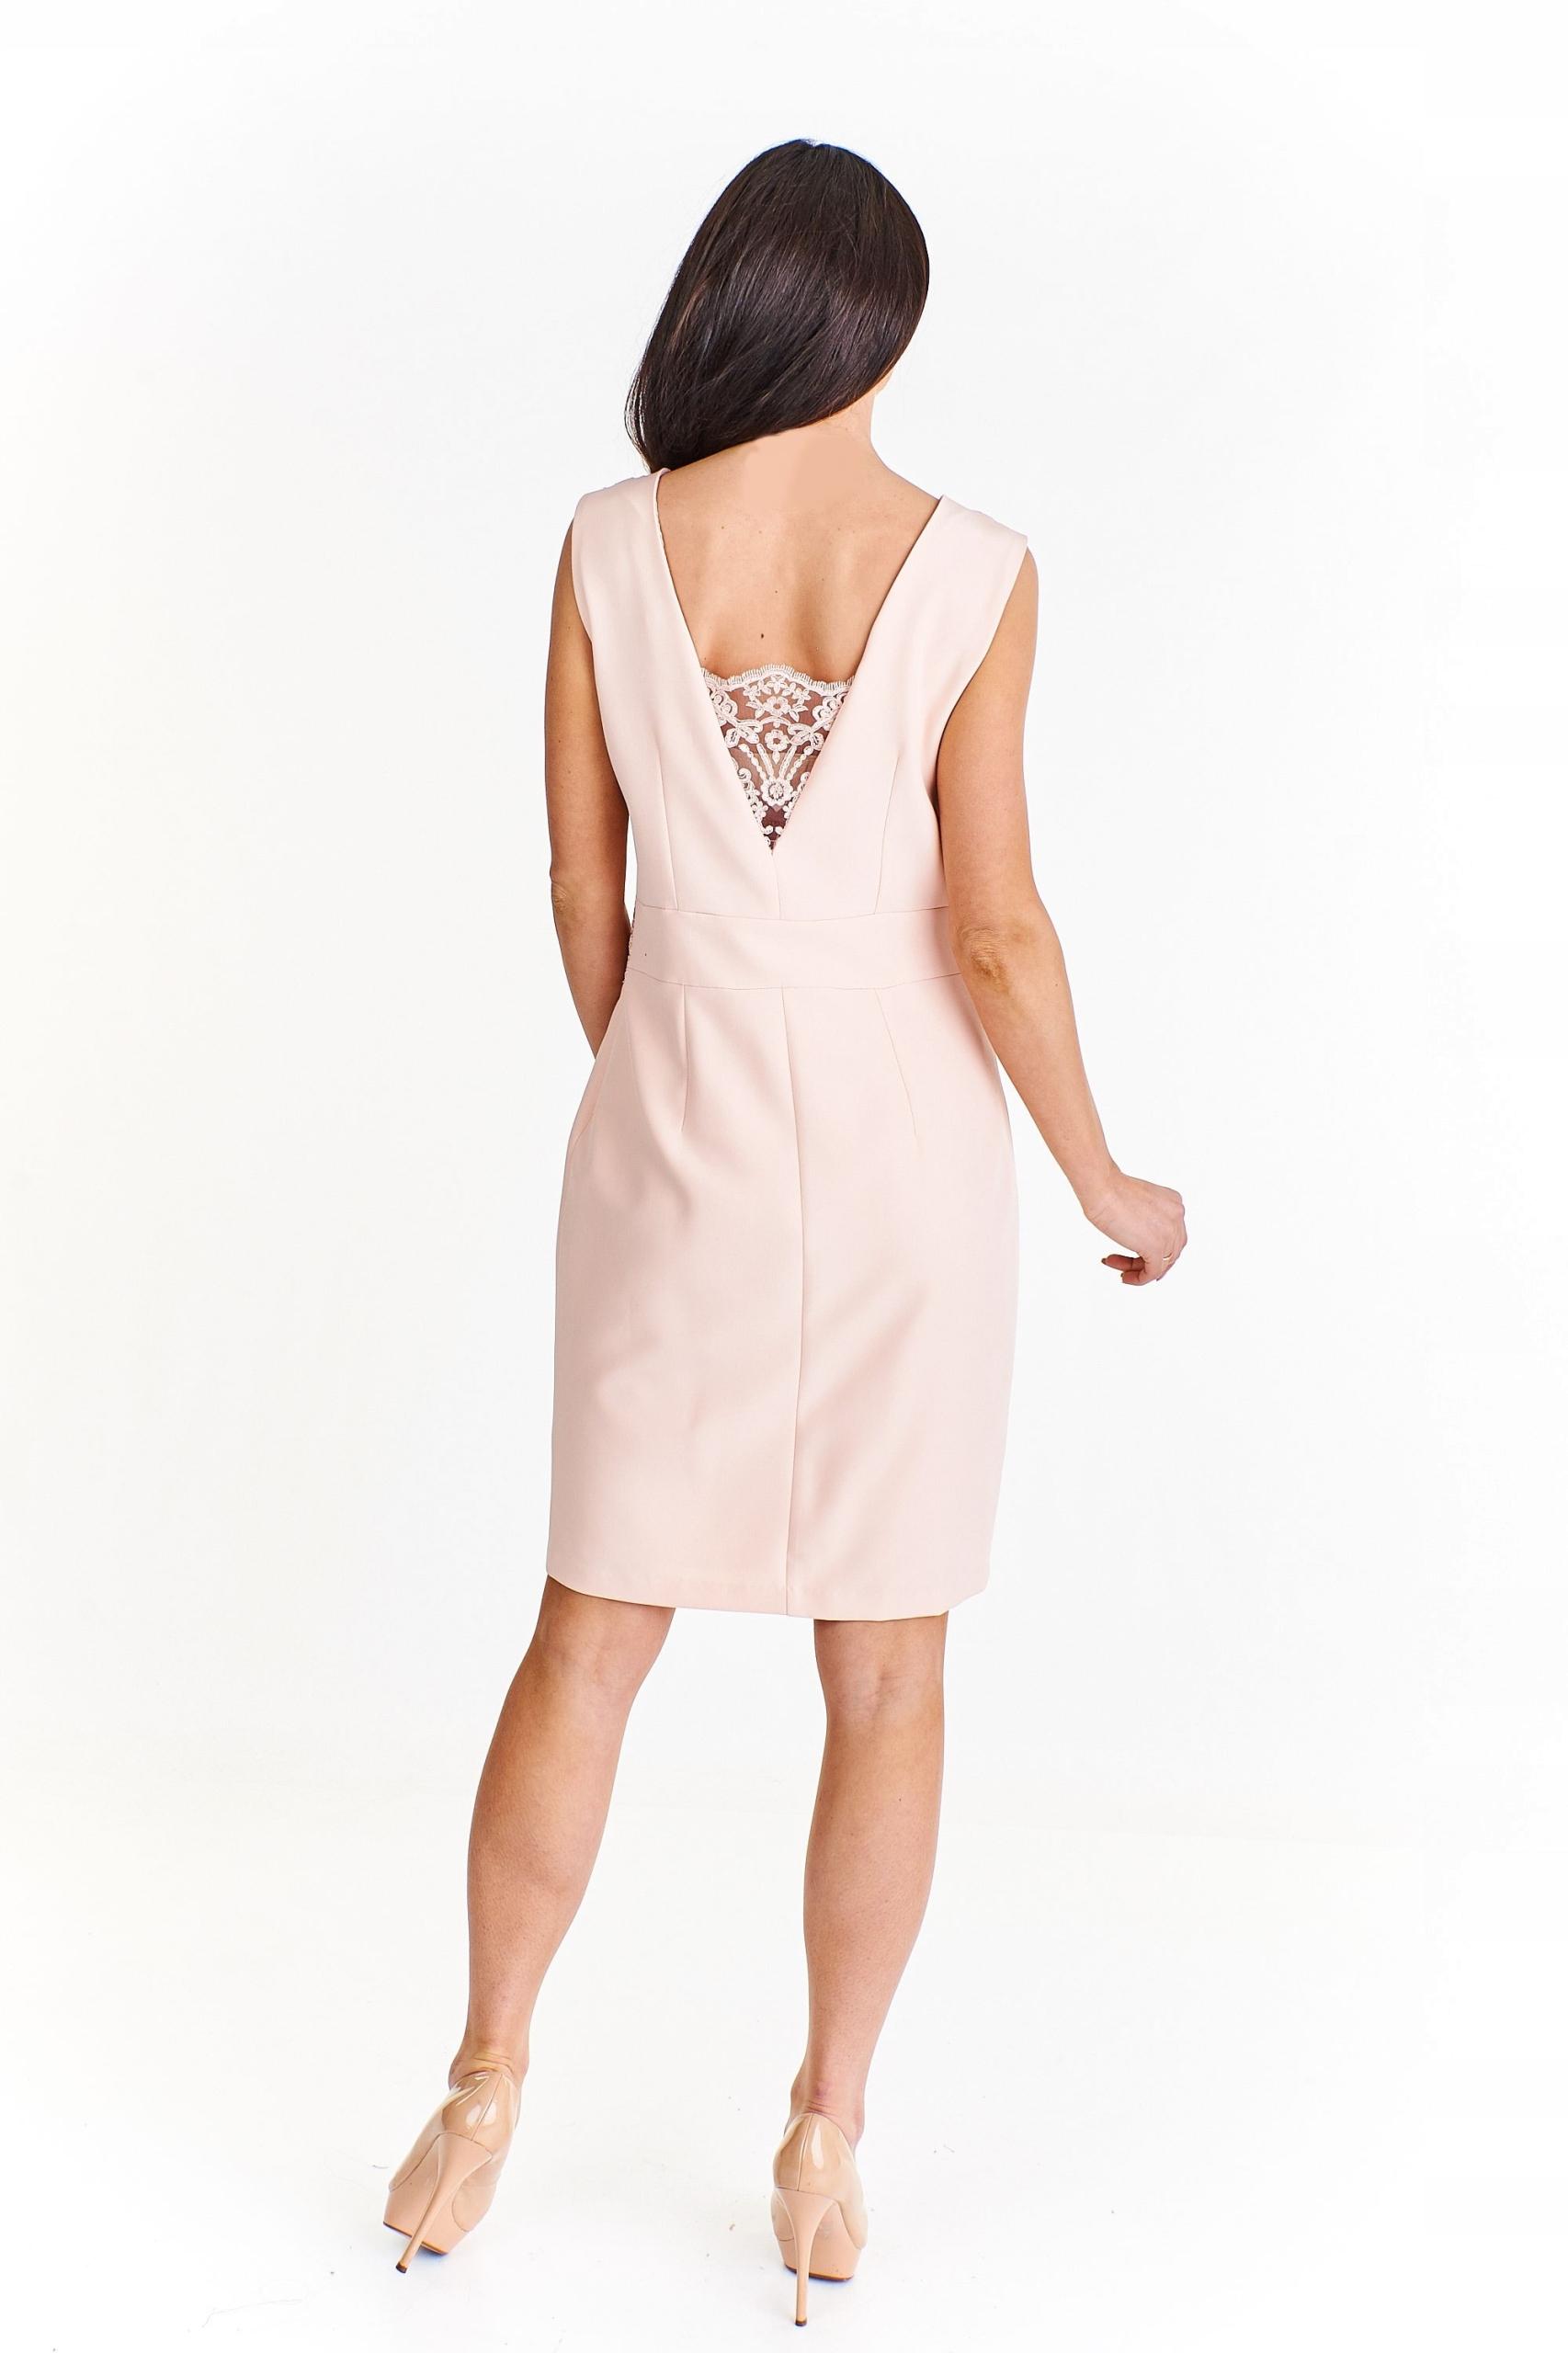 d6e76e42 Ołówkowa sukienka z koronkowymi wstawkami Różowy 4 - 7444217954 ...